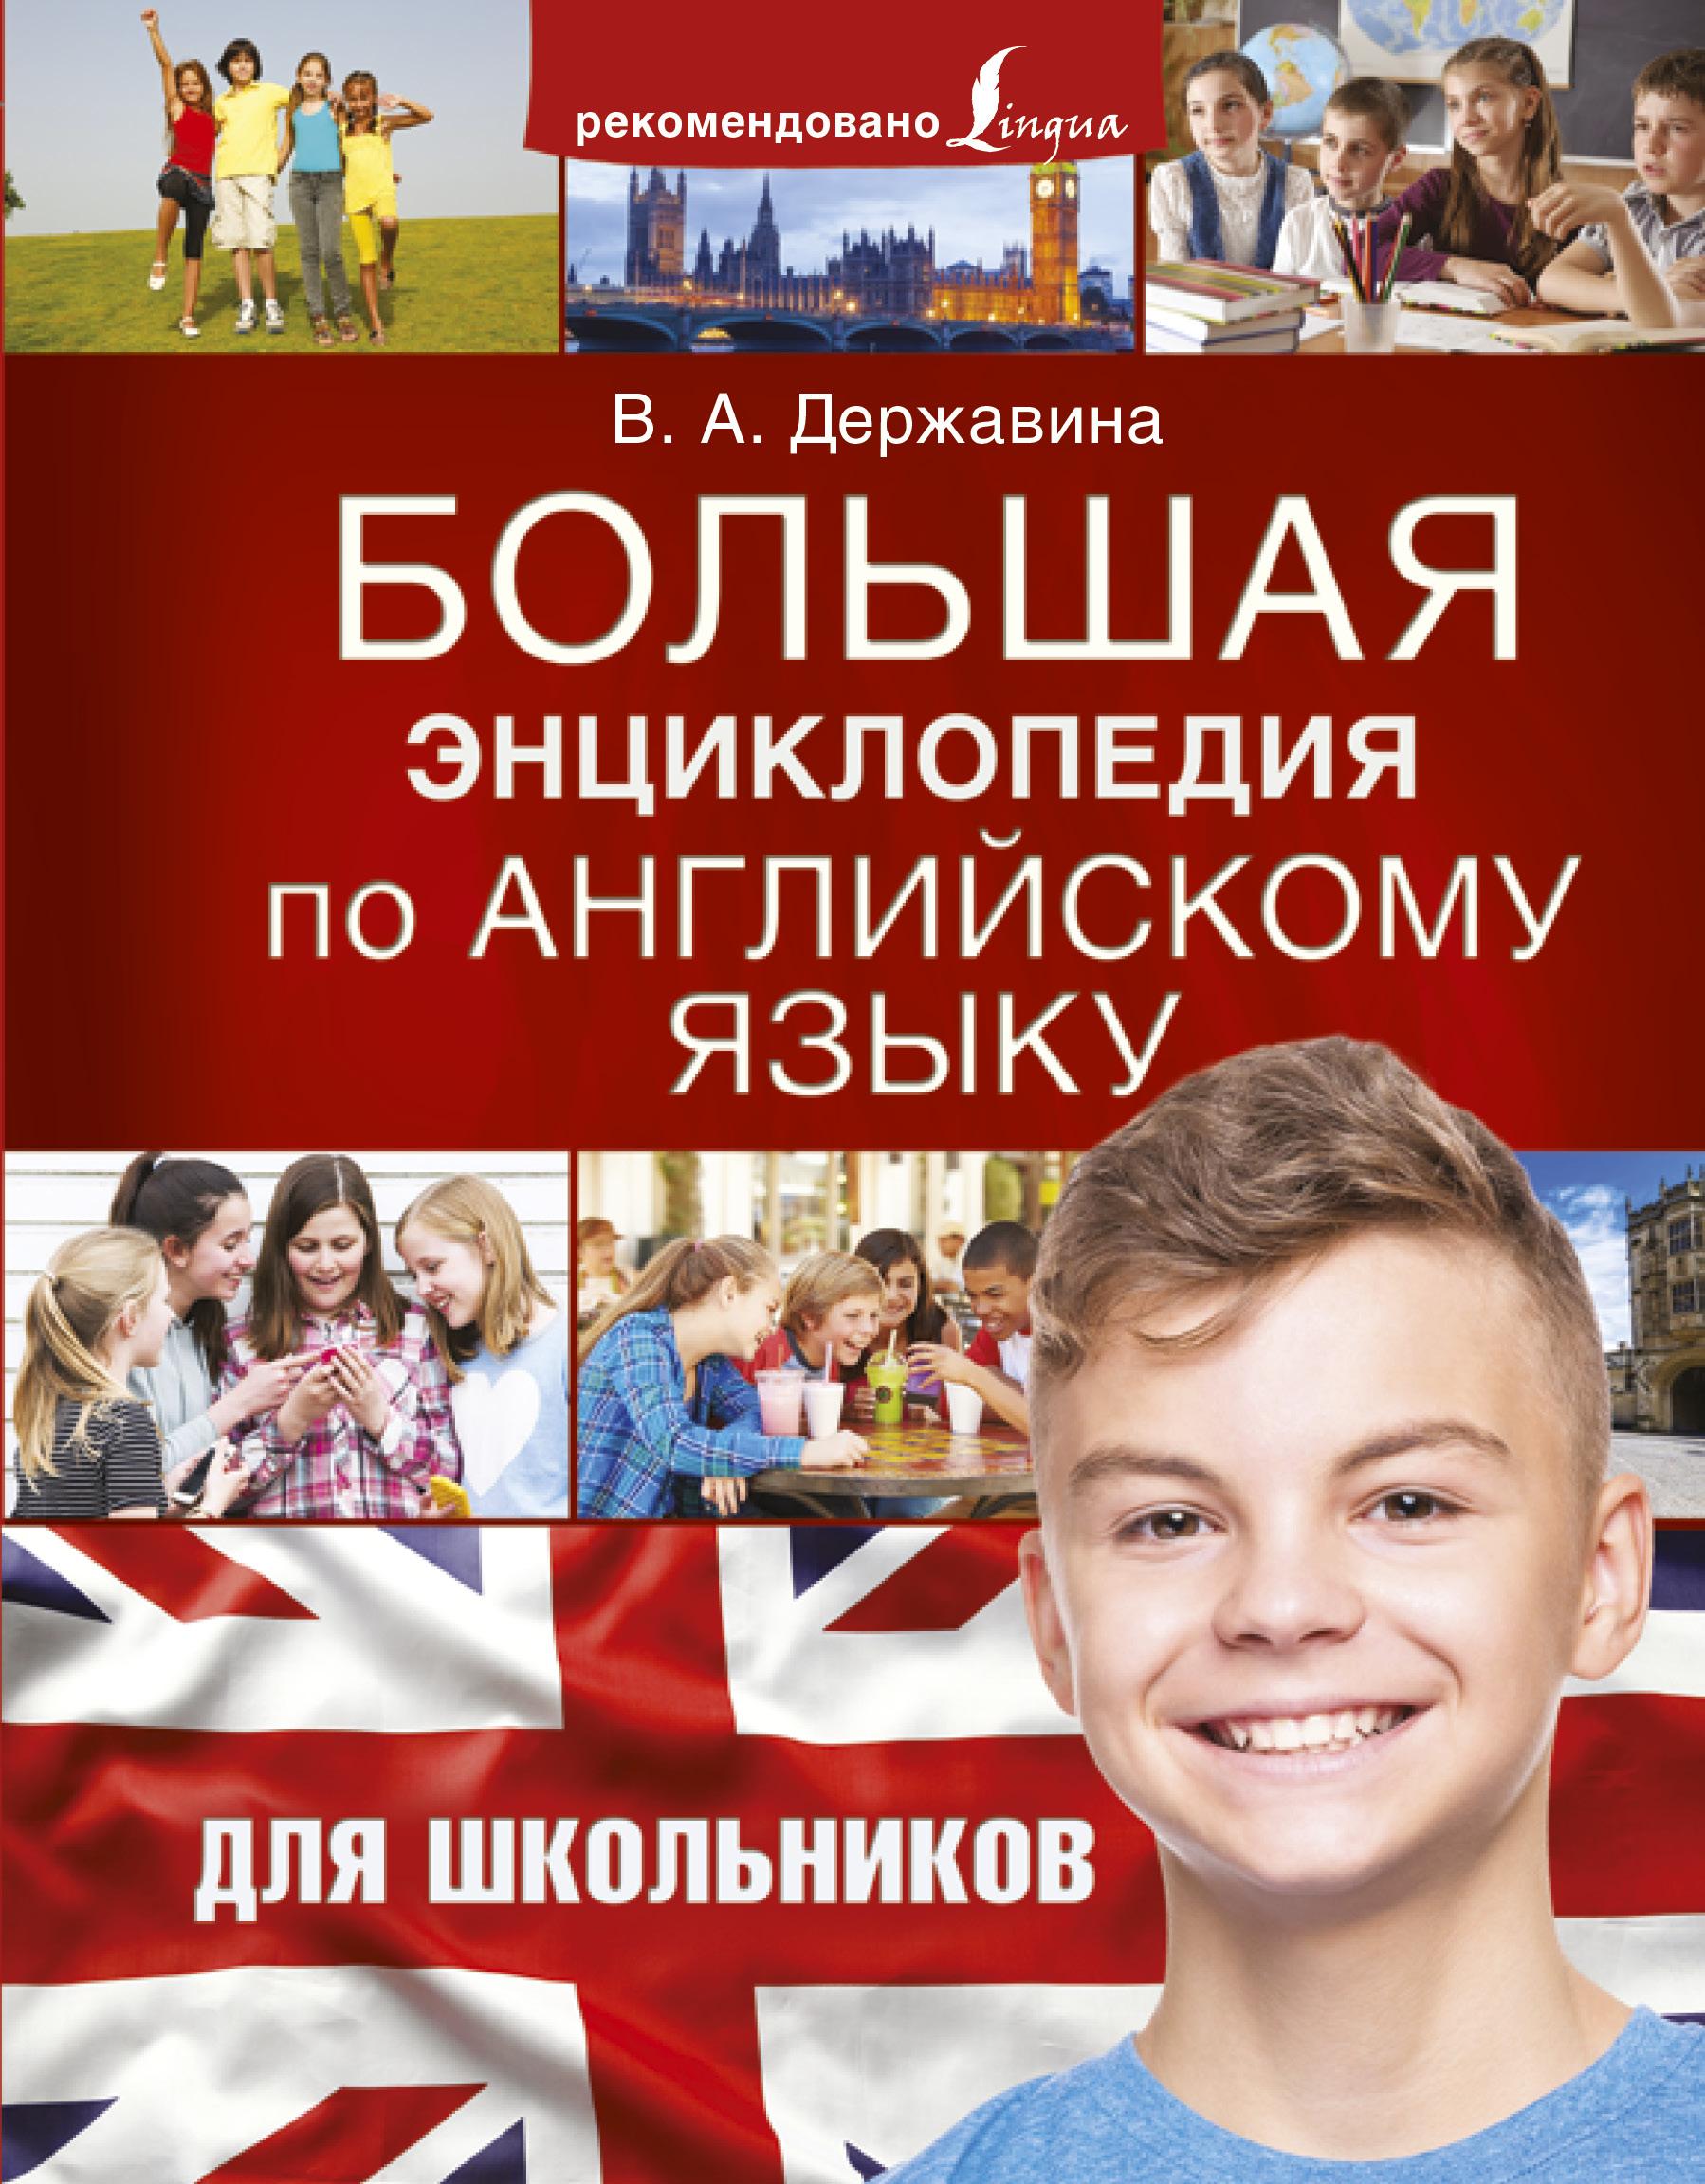 Большая энциклопедия по английскому языку для школьников ( Державина Виктория Александровна  )